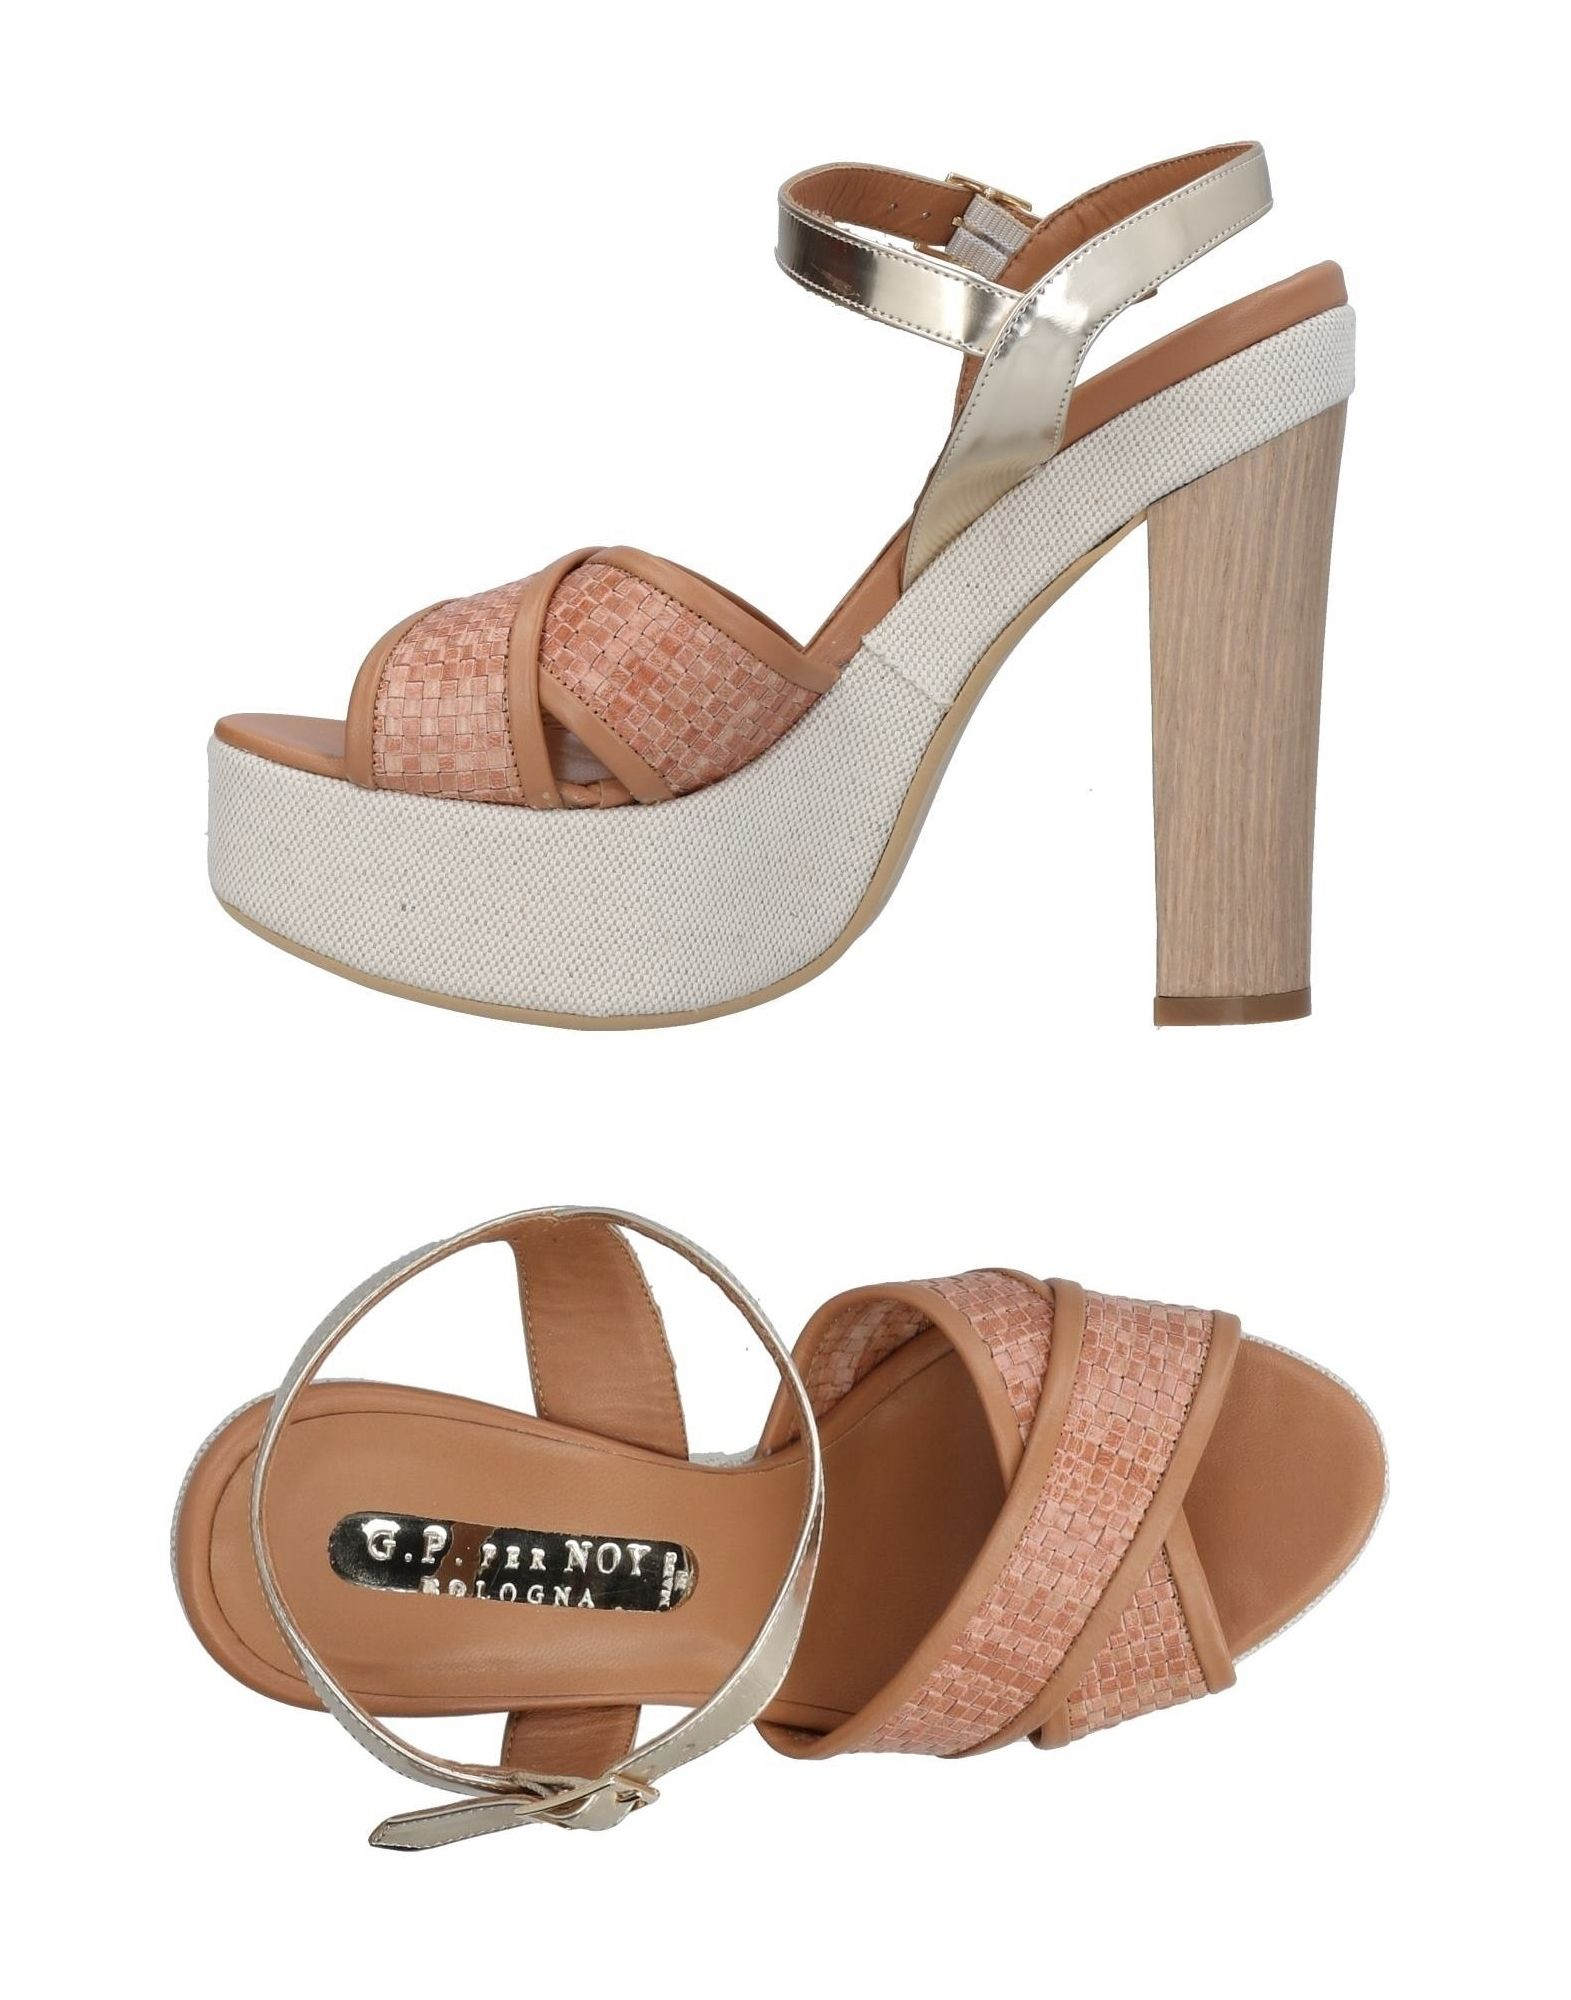 G.P. Per Noy Bologna Sandalen Damen  11434800DI Gute Qualität beliebte Schuhe